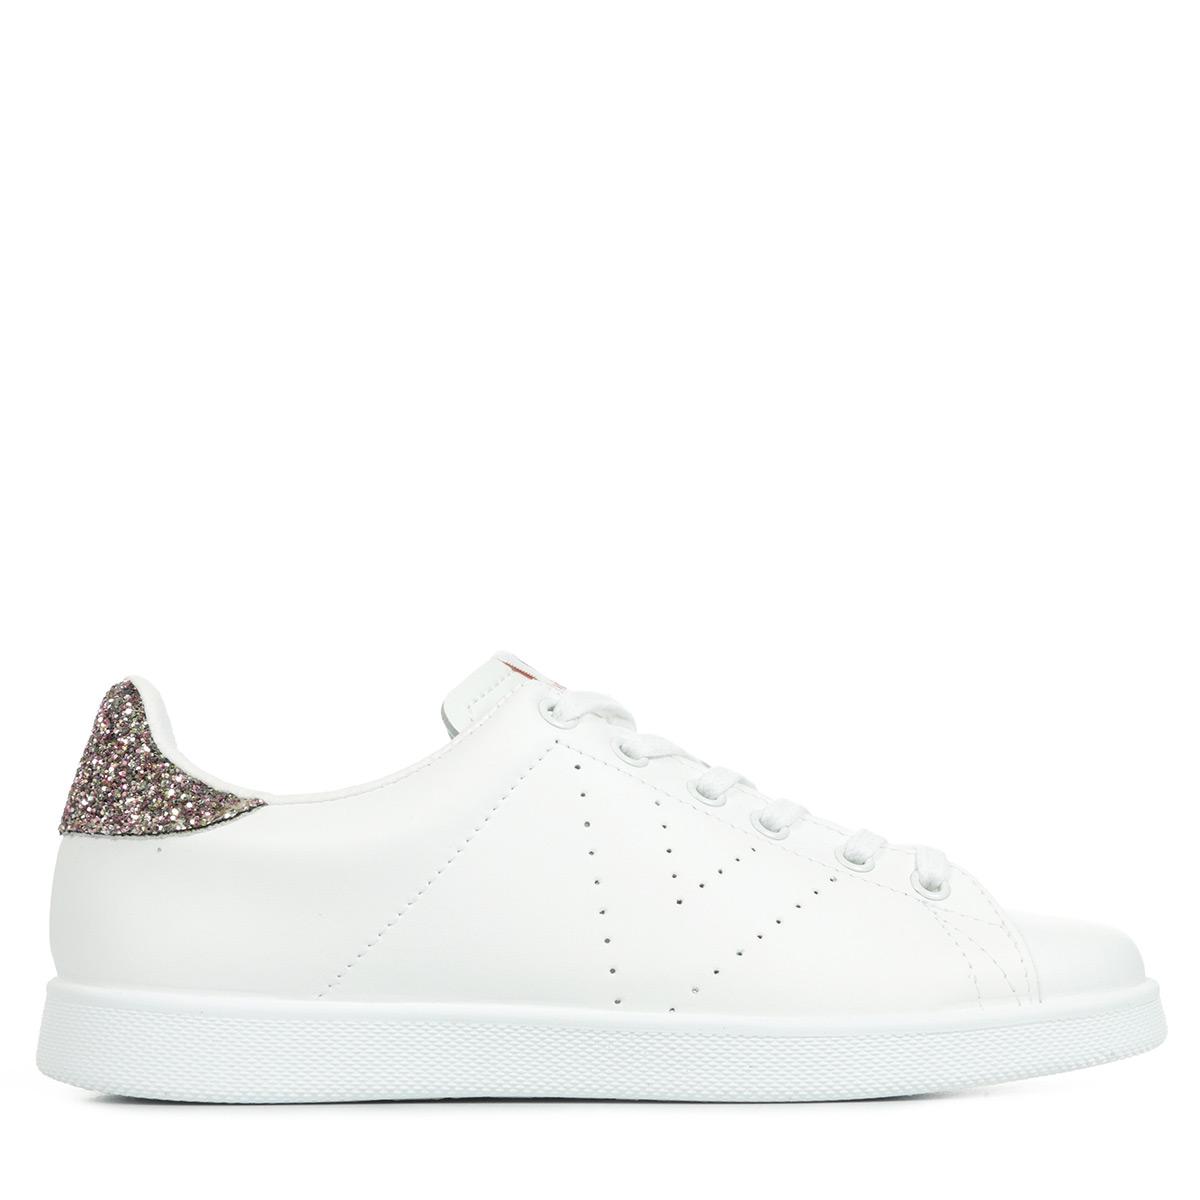 zapatos  Baskets Victoria mujer Deportivo Tenis Glitter Y Y Y Espero taille Doré 4ce874